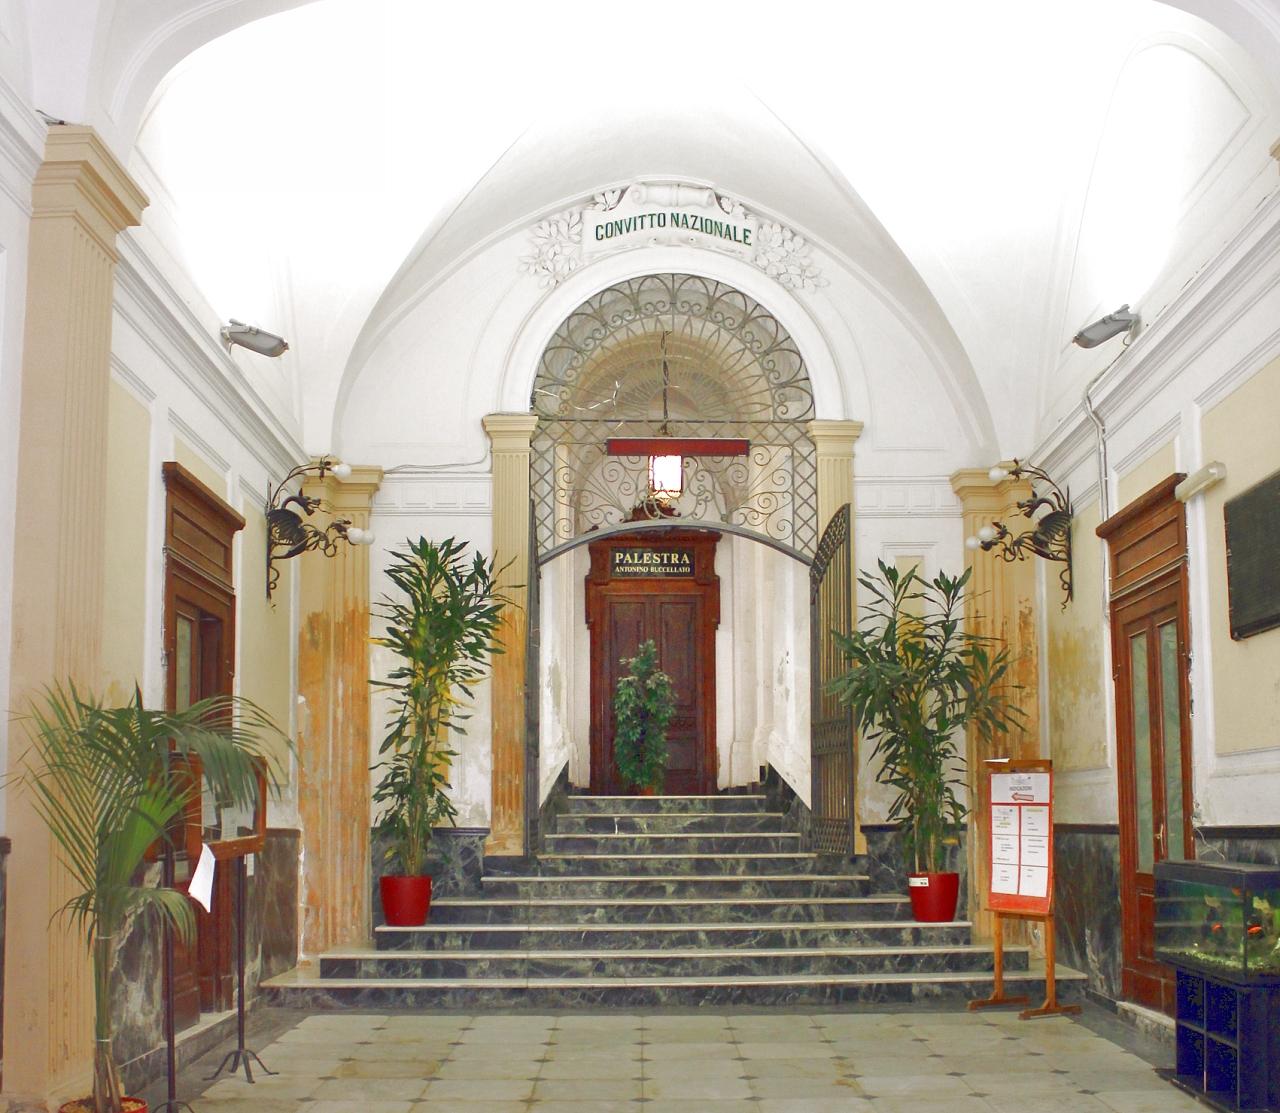 Convitto Nazionale. Scala (scala) - Salerno (SA)